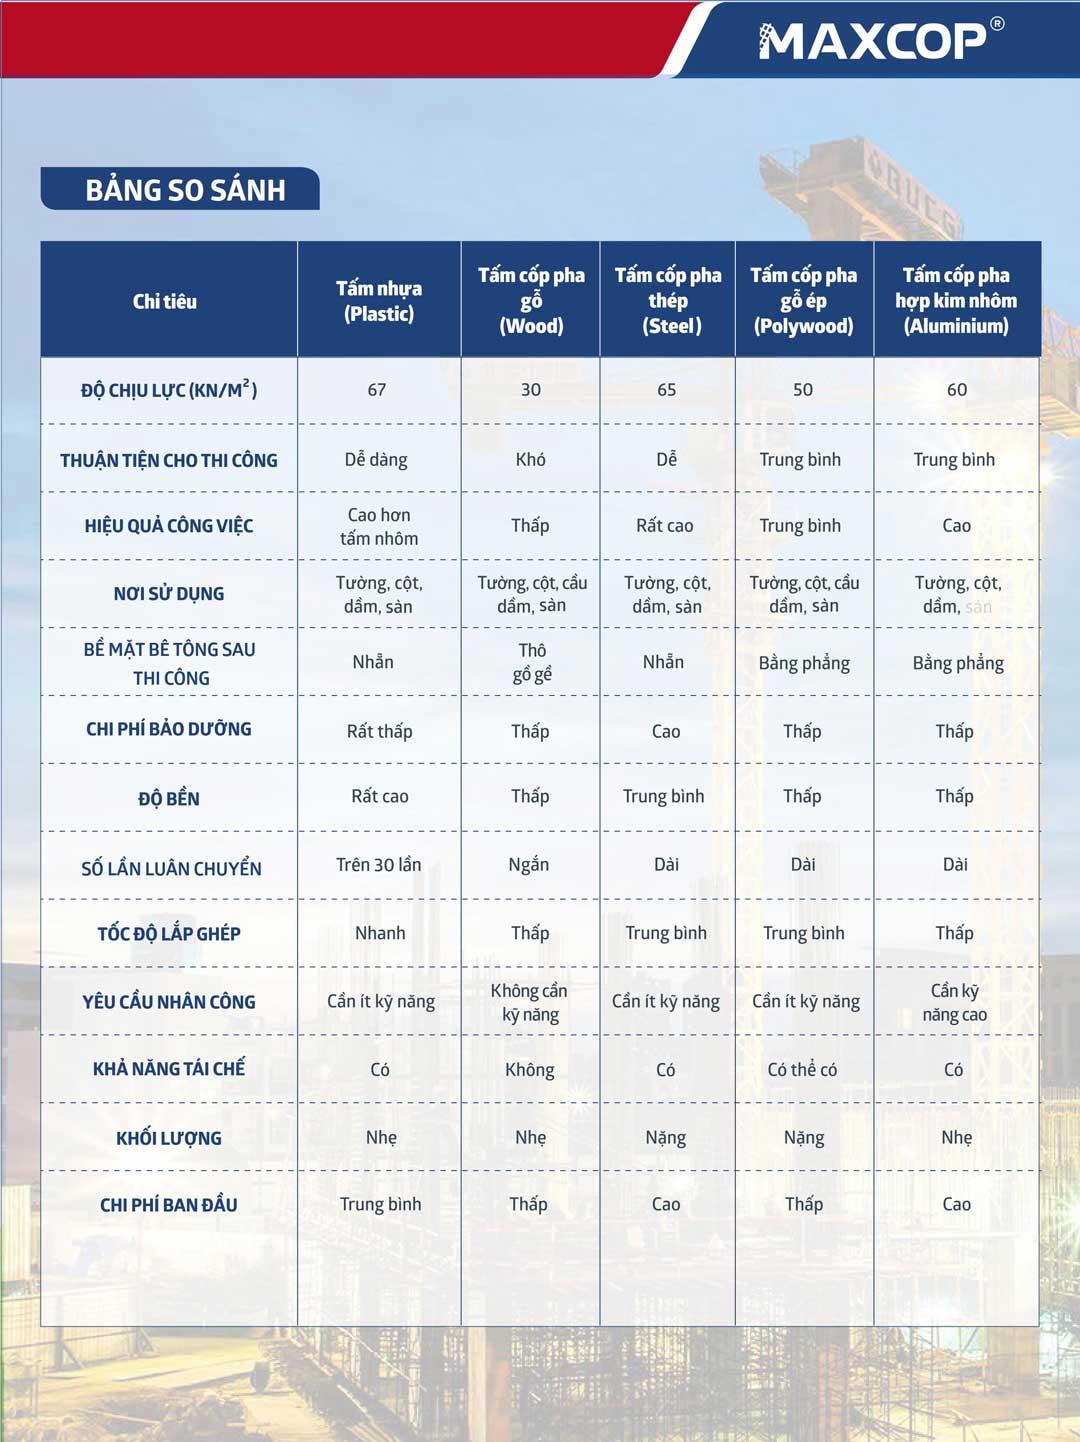 so sánh đặc tính của cốp pha nhựa và các loại cốp pha khác